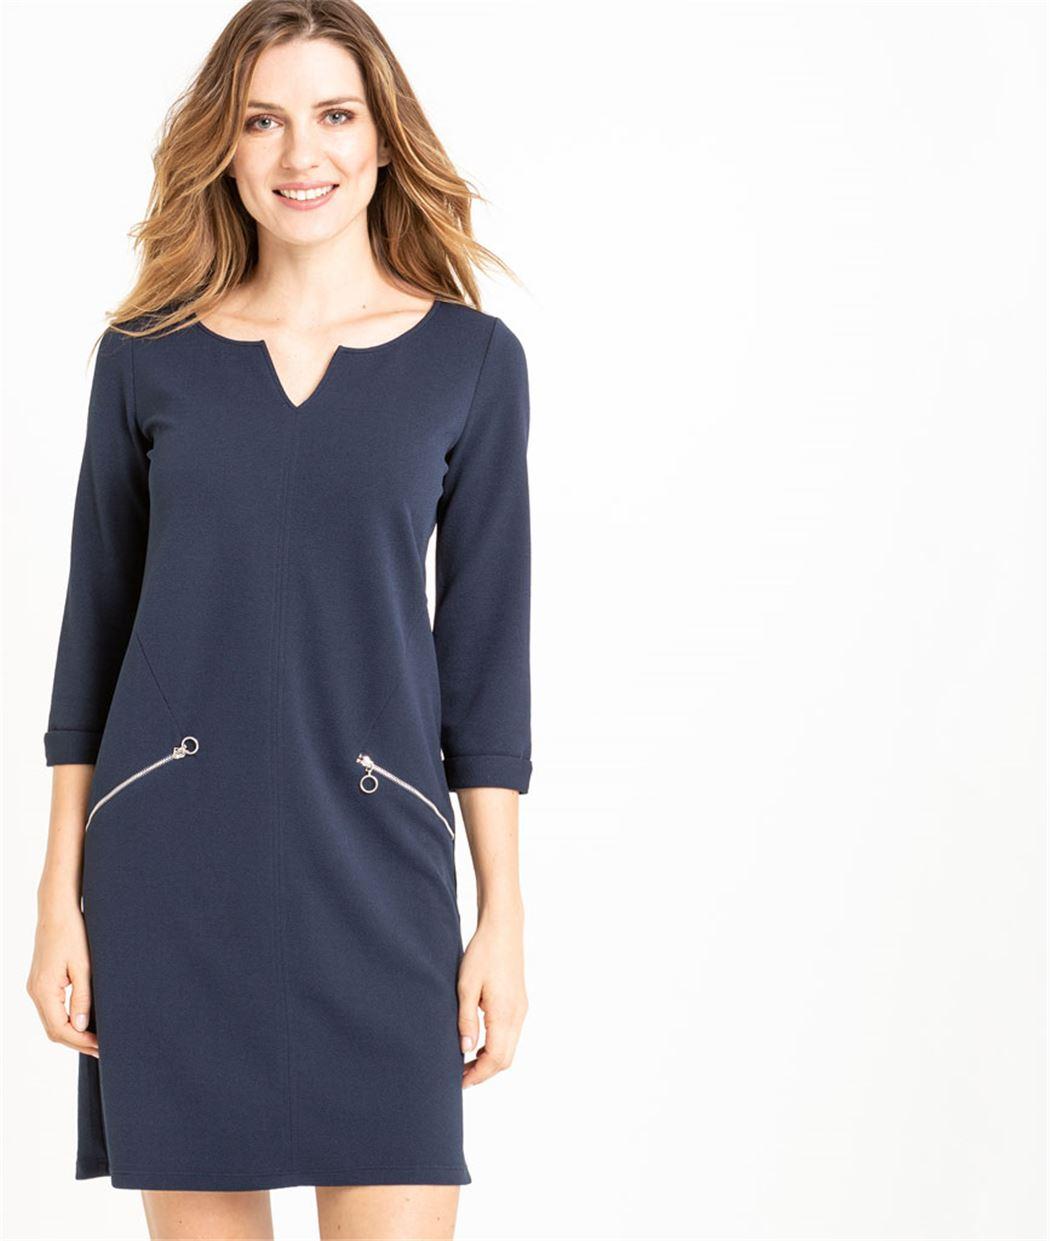 Robe femme en maille bleue marine MARINE